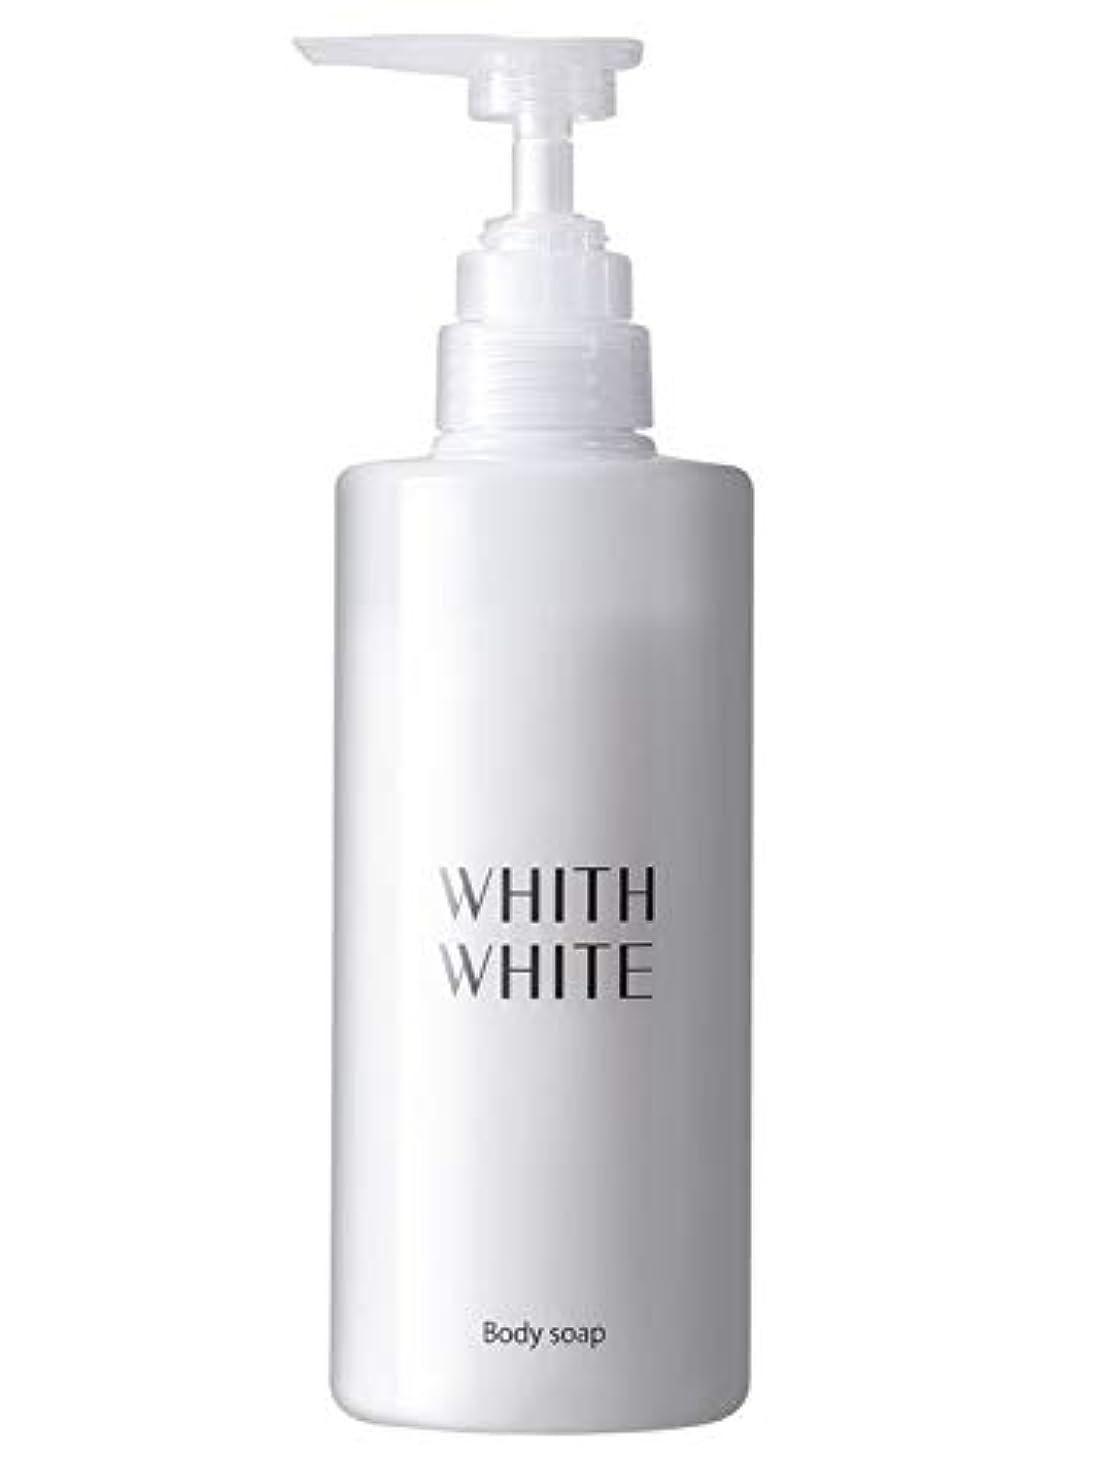 中に質素なめんどりフィス ホワイト ボディソープ 【 エレガントフローラルのいい香り 】 無添加 保湿 ボディーソープ 「 泡で黒ずみ さっぱり ボディシャンプー 」「 ヒアルロン酸 コラーゲン セラミド 配合」450ml